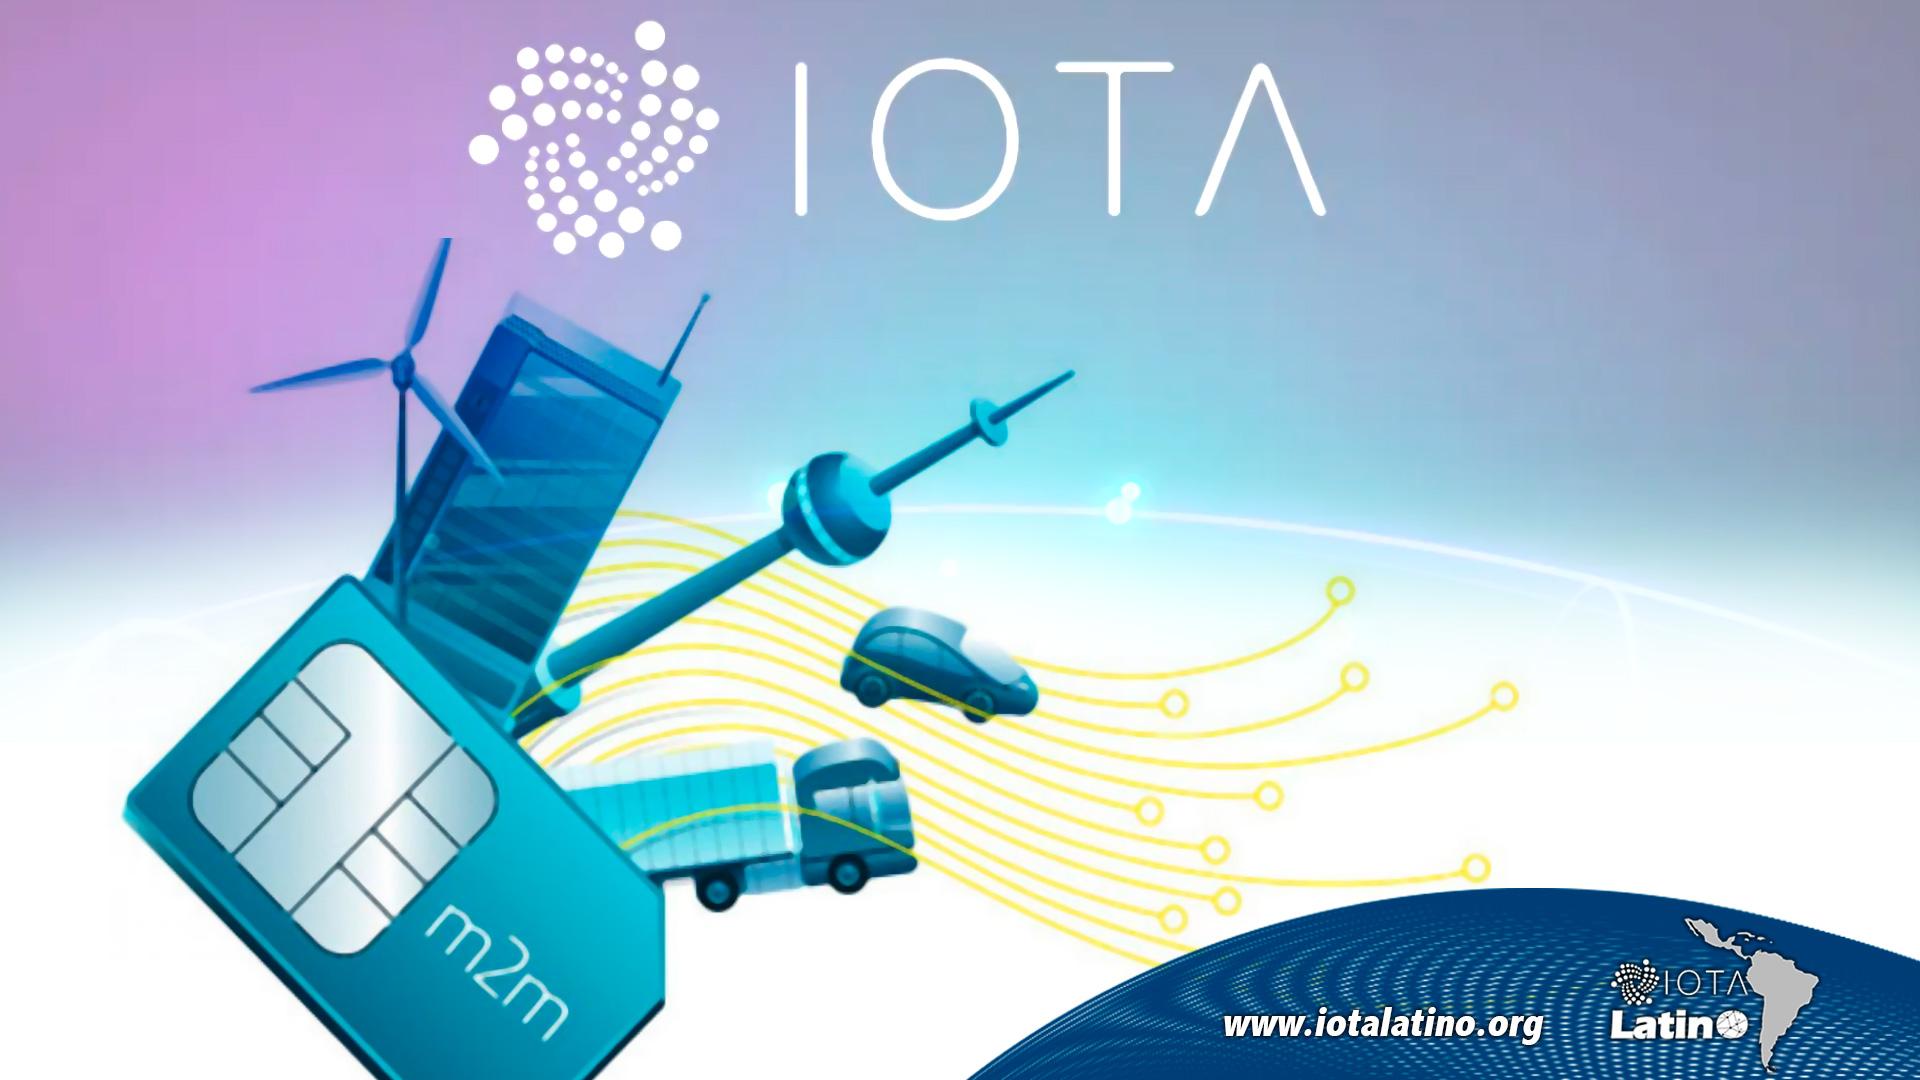 flujo en IOTA - IOTA Latino